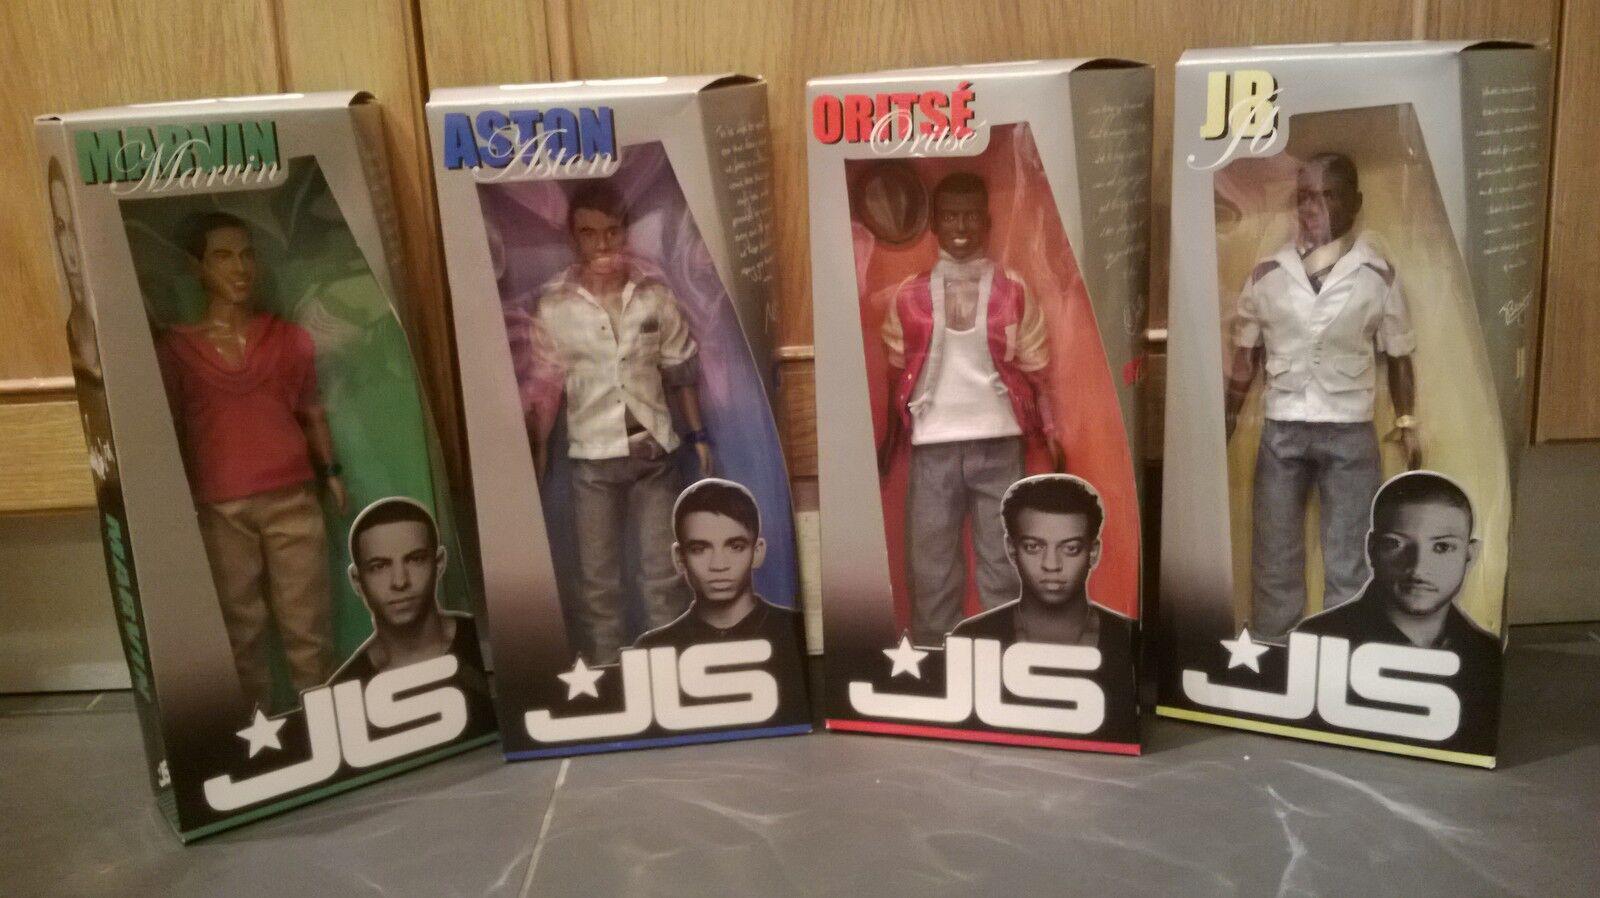 FULL SET of Official First Edition JLS poupées. Aston,  Oritse Marvin & JB. EntièreHommest NEUF dans sa boîte  contre authentique